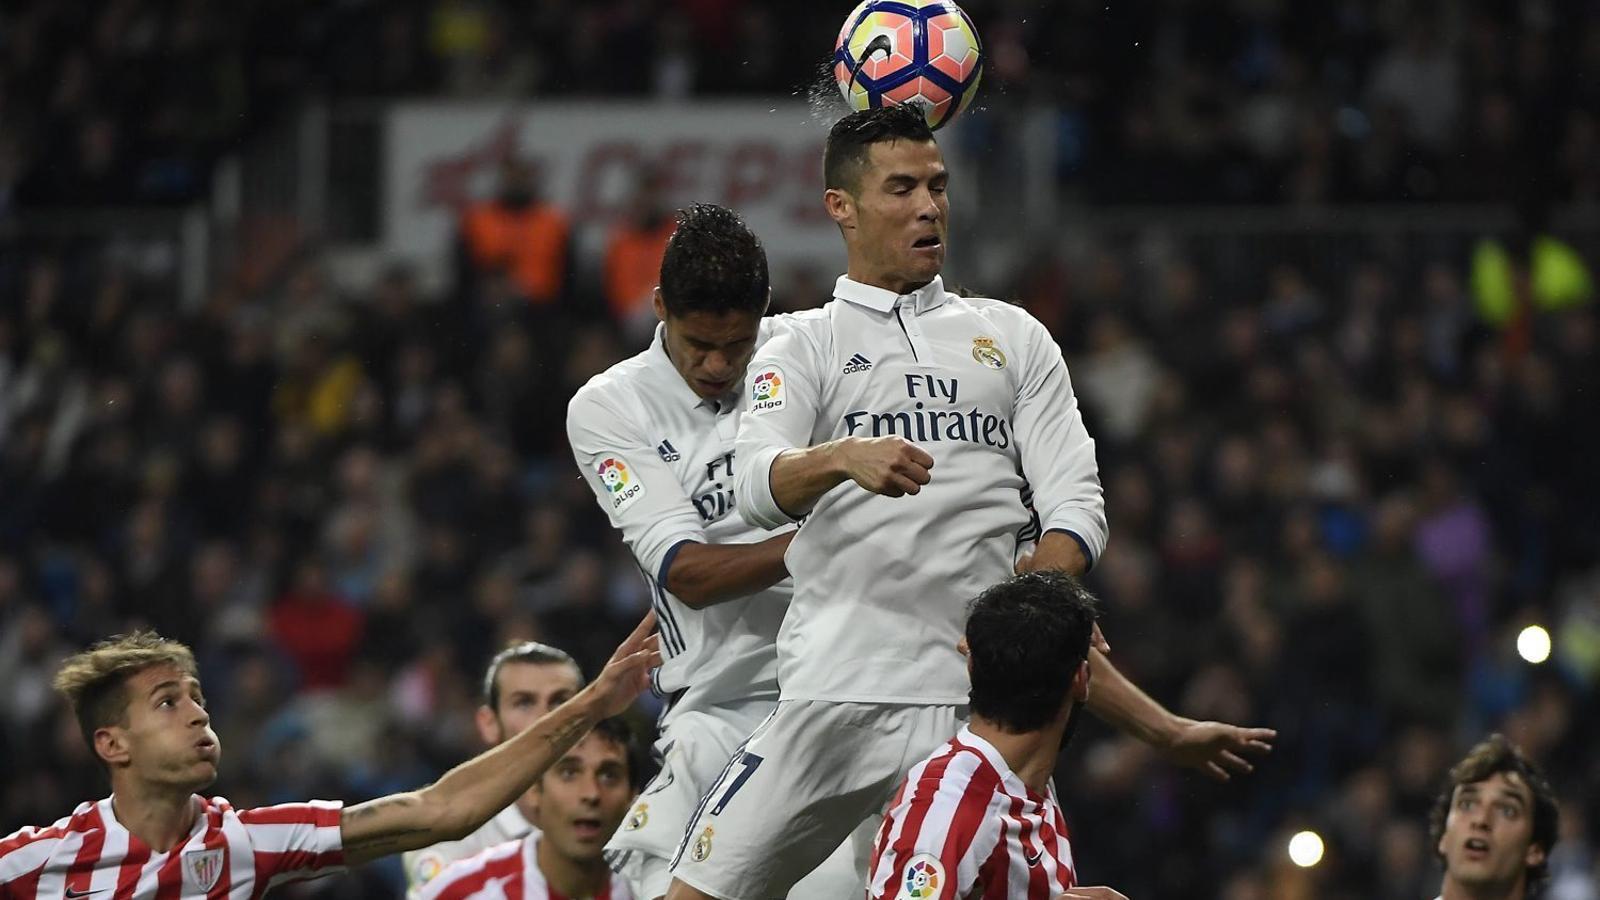 Cristiano intentant rematar al costat de Varane.